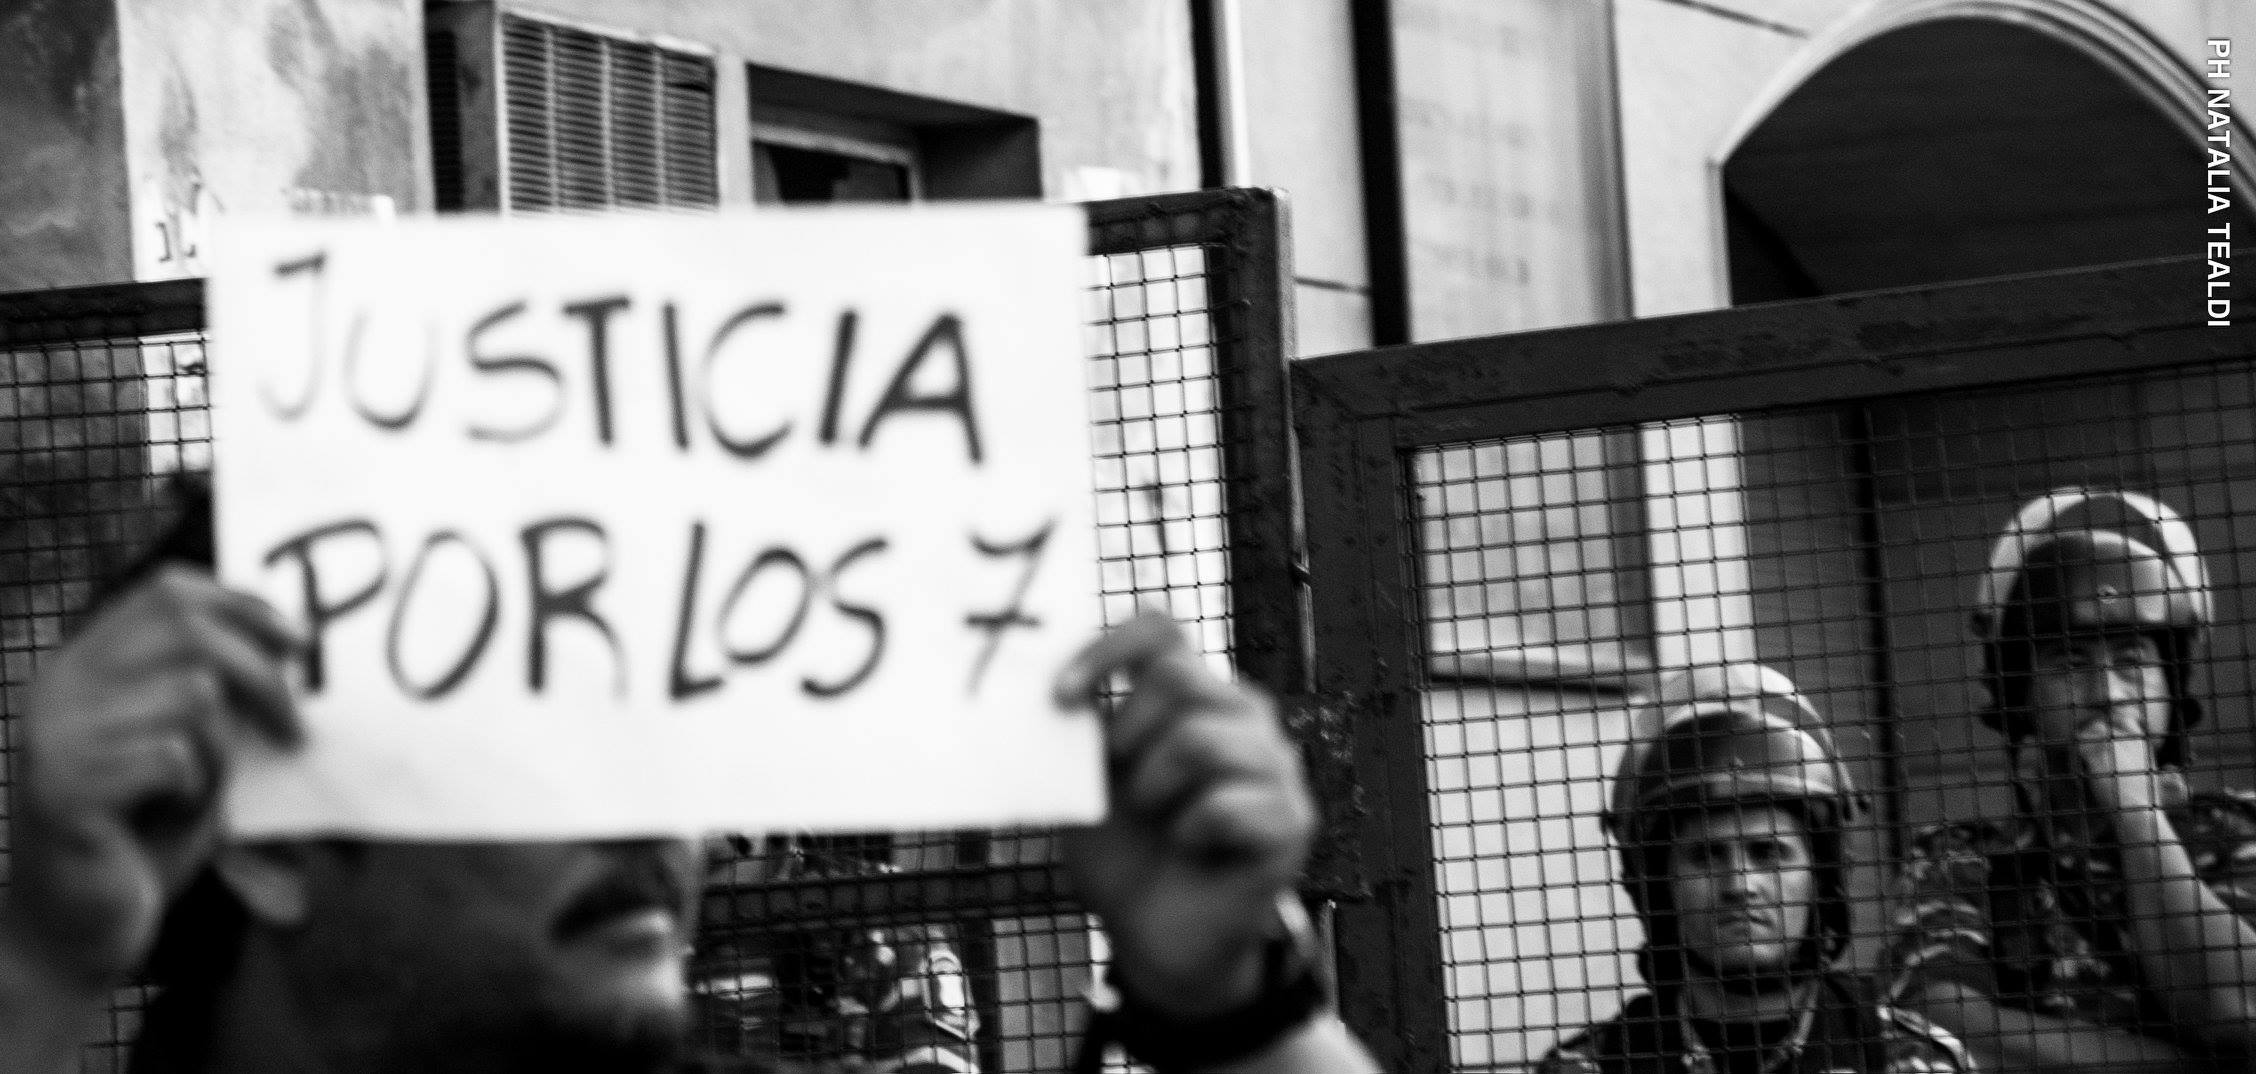 La Comisión Provincial por la Memoria (CPM) de Buenos Aires repudió la resolución de la Cámara de Apelaciones que ratificó el arresto domiciliario para cuatro de los cinco policías detenidos por la Masacre de Pergamino, en la que murieron siete detenidos en una comisaría.